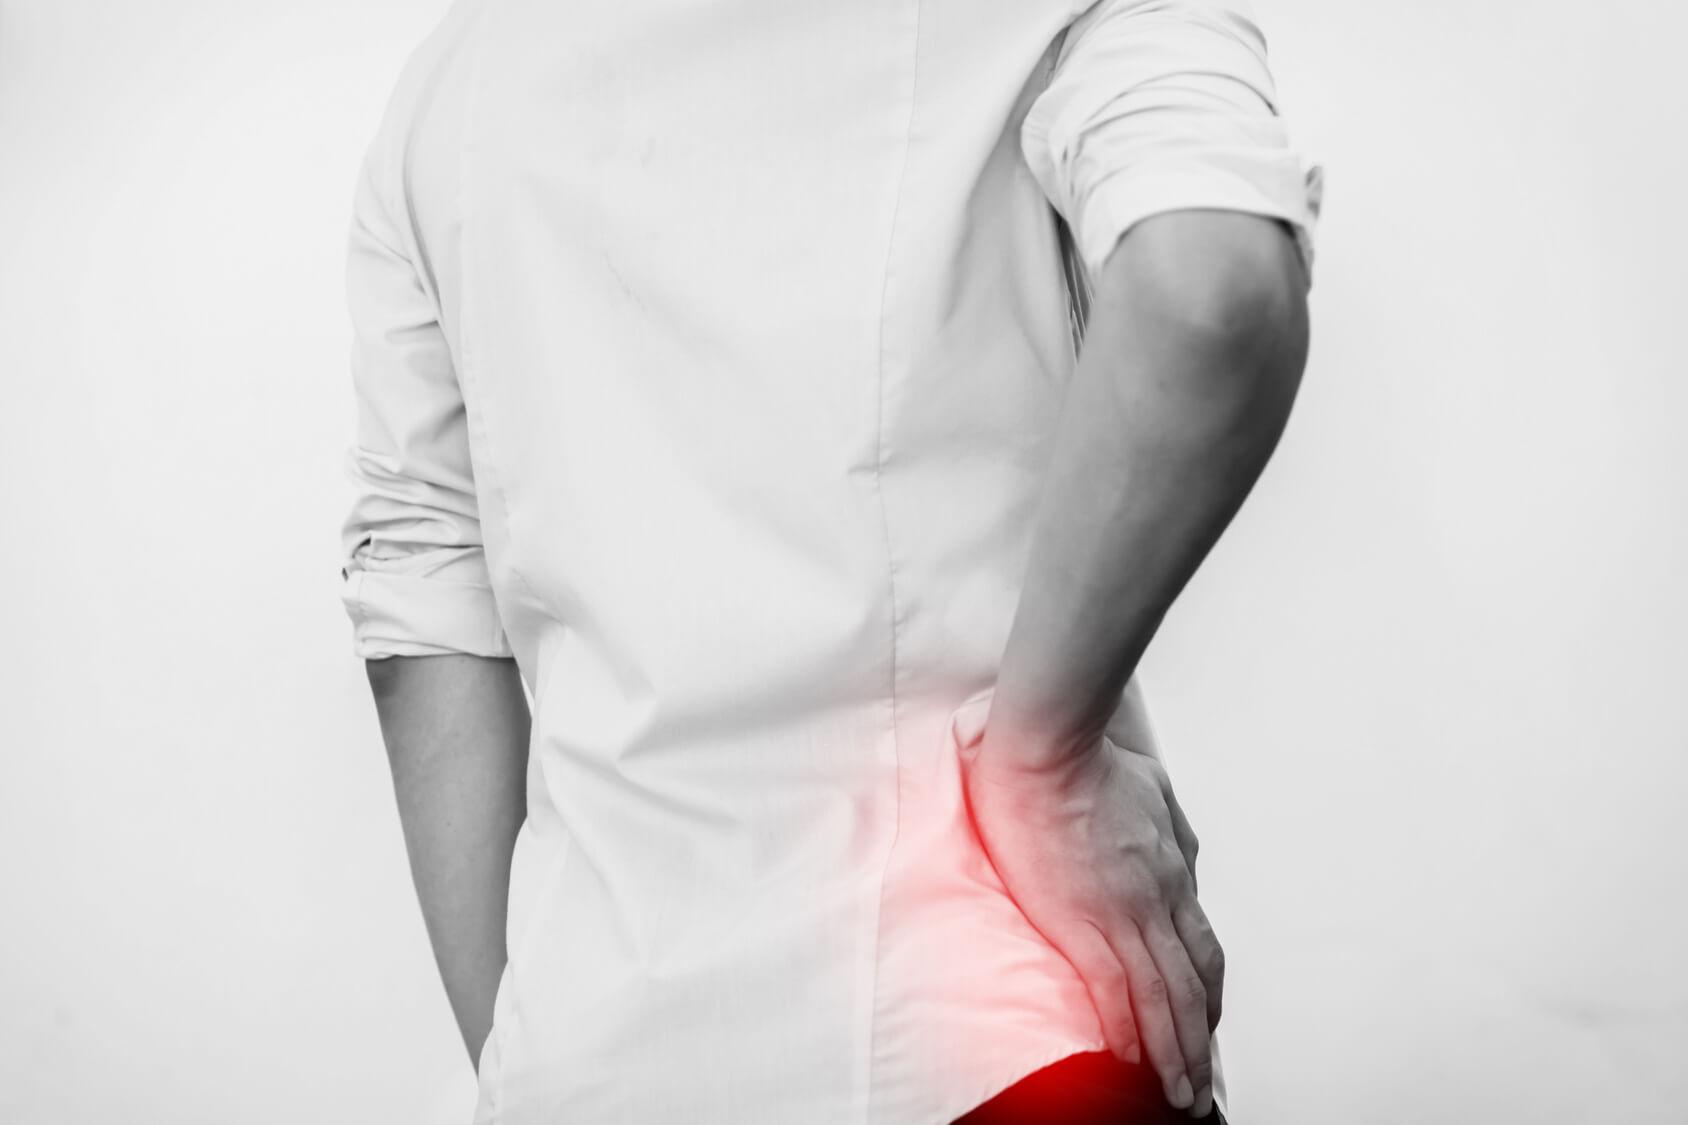 Por qué tengo dolor de cadera